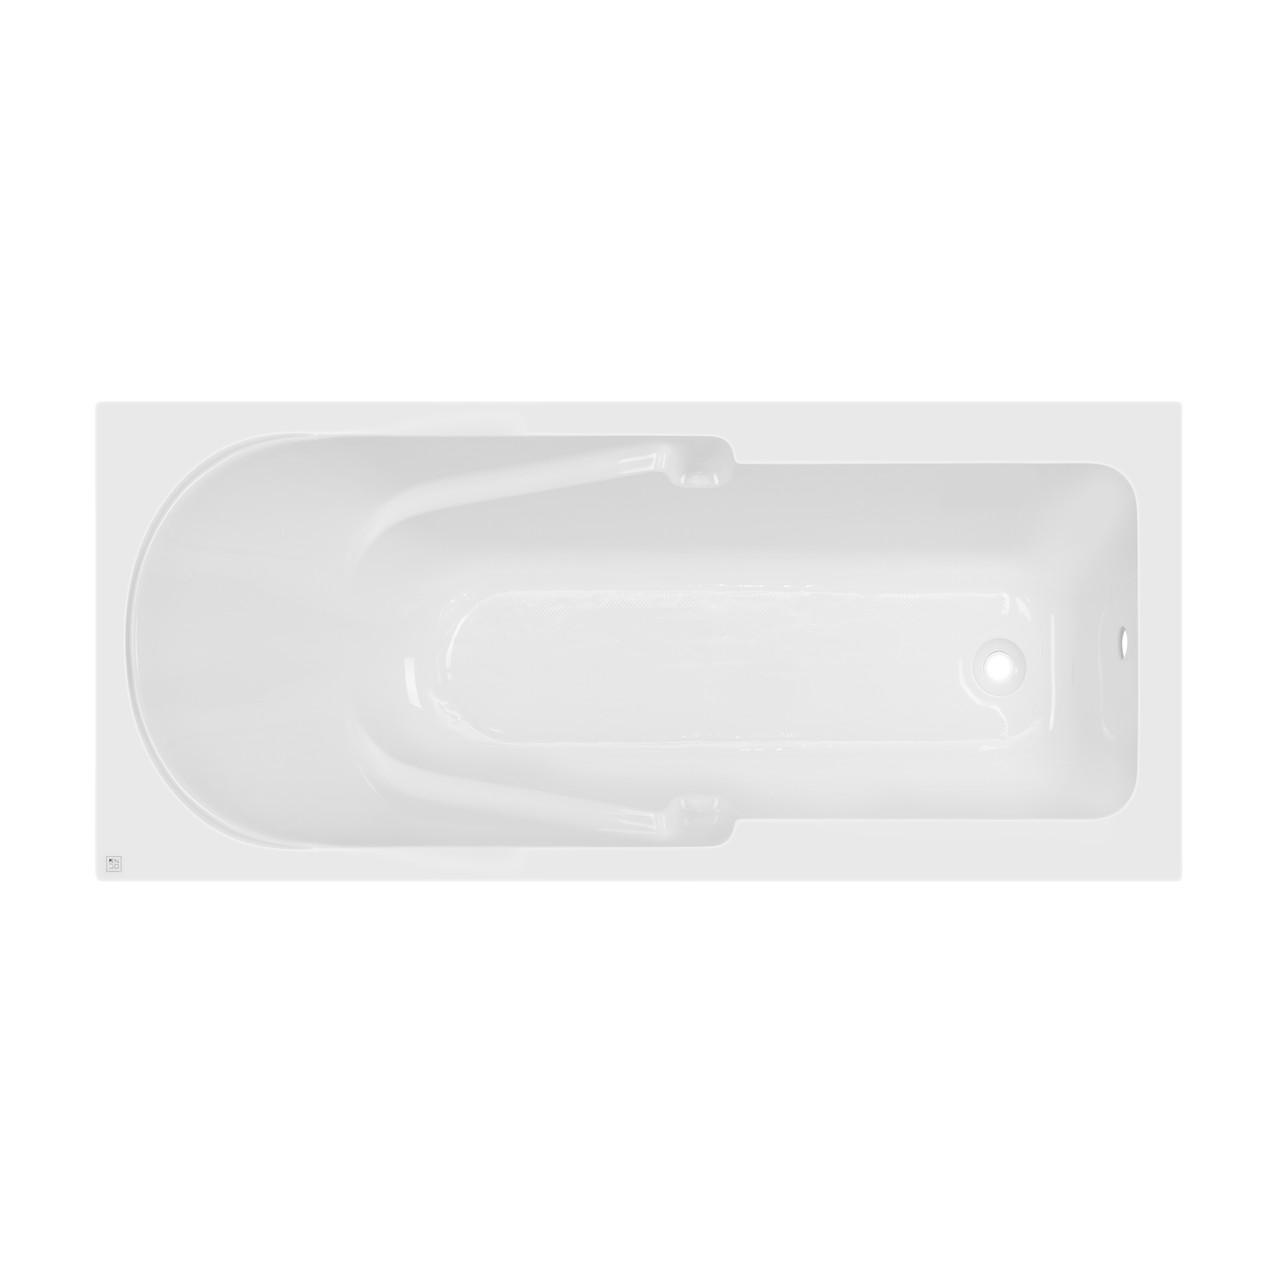 Ванна акрилова Lidz Zycie 150 150x70 з ніжками Nozki R